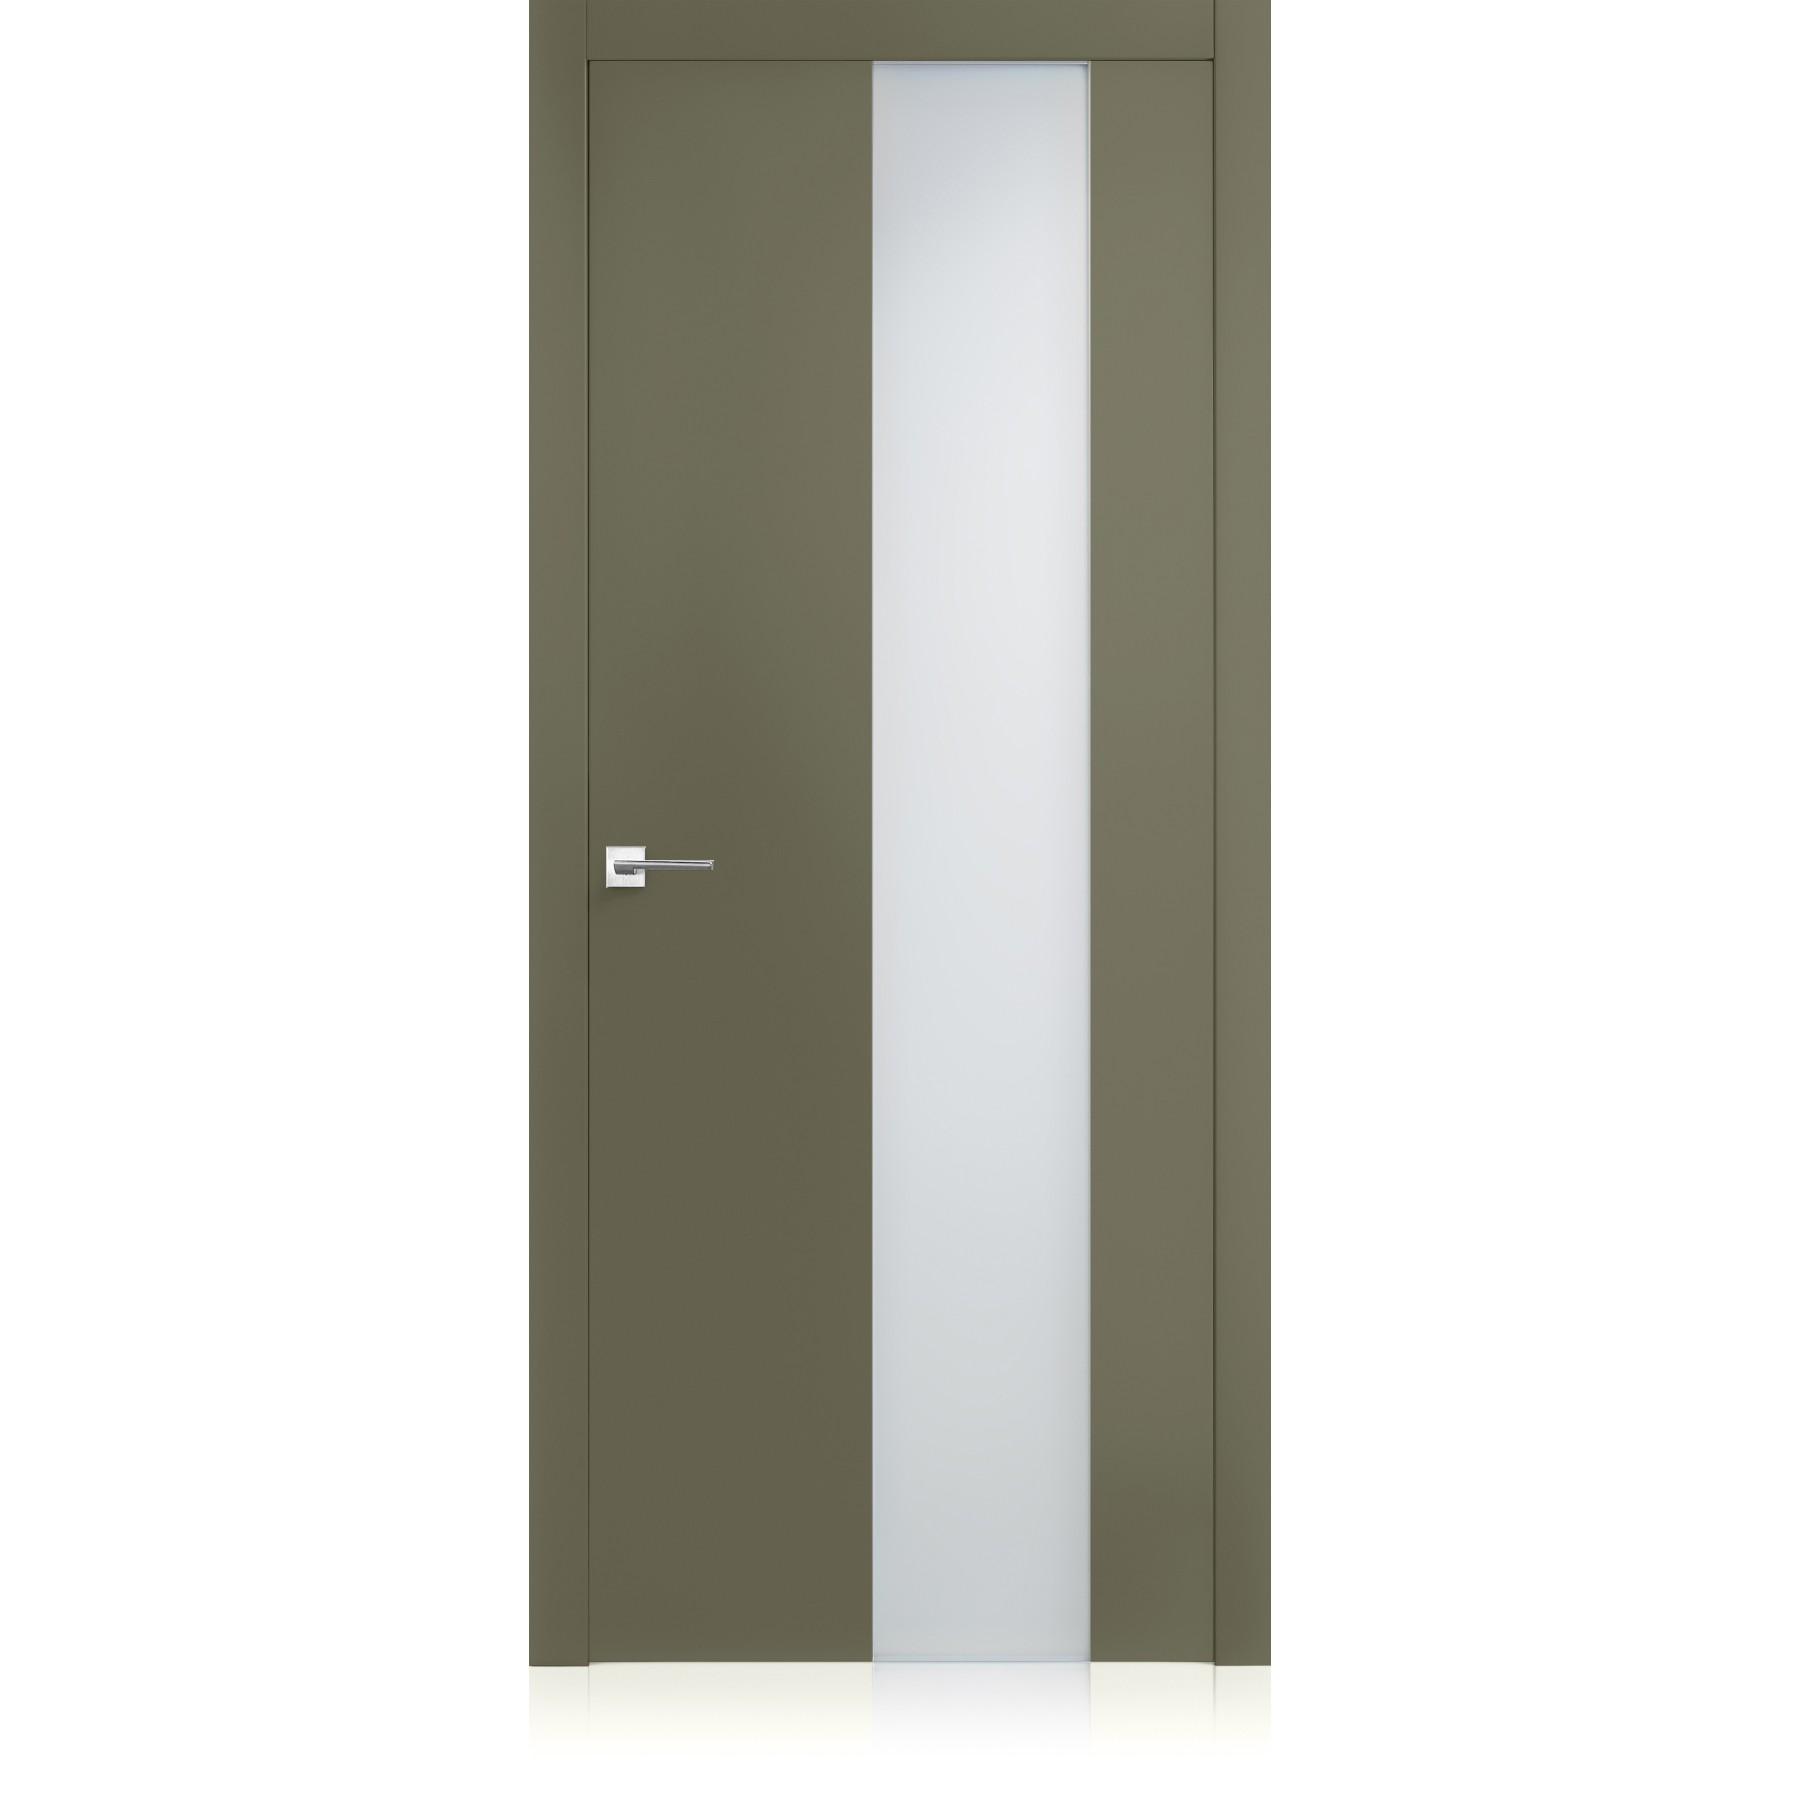 Porta Exit vetro Oliva Light Laccato ULTRAlucido